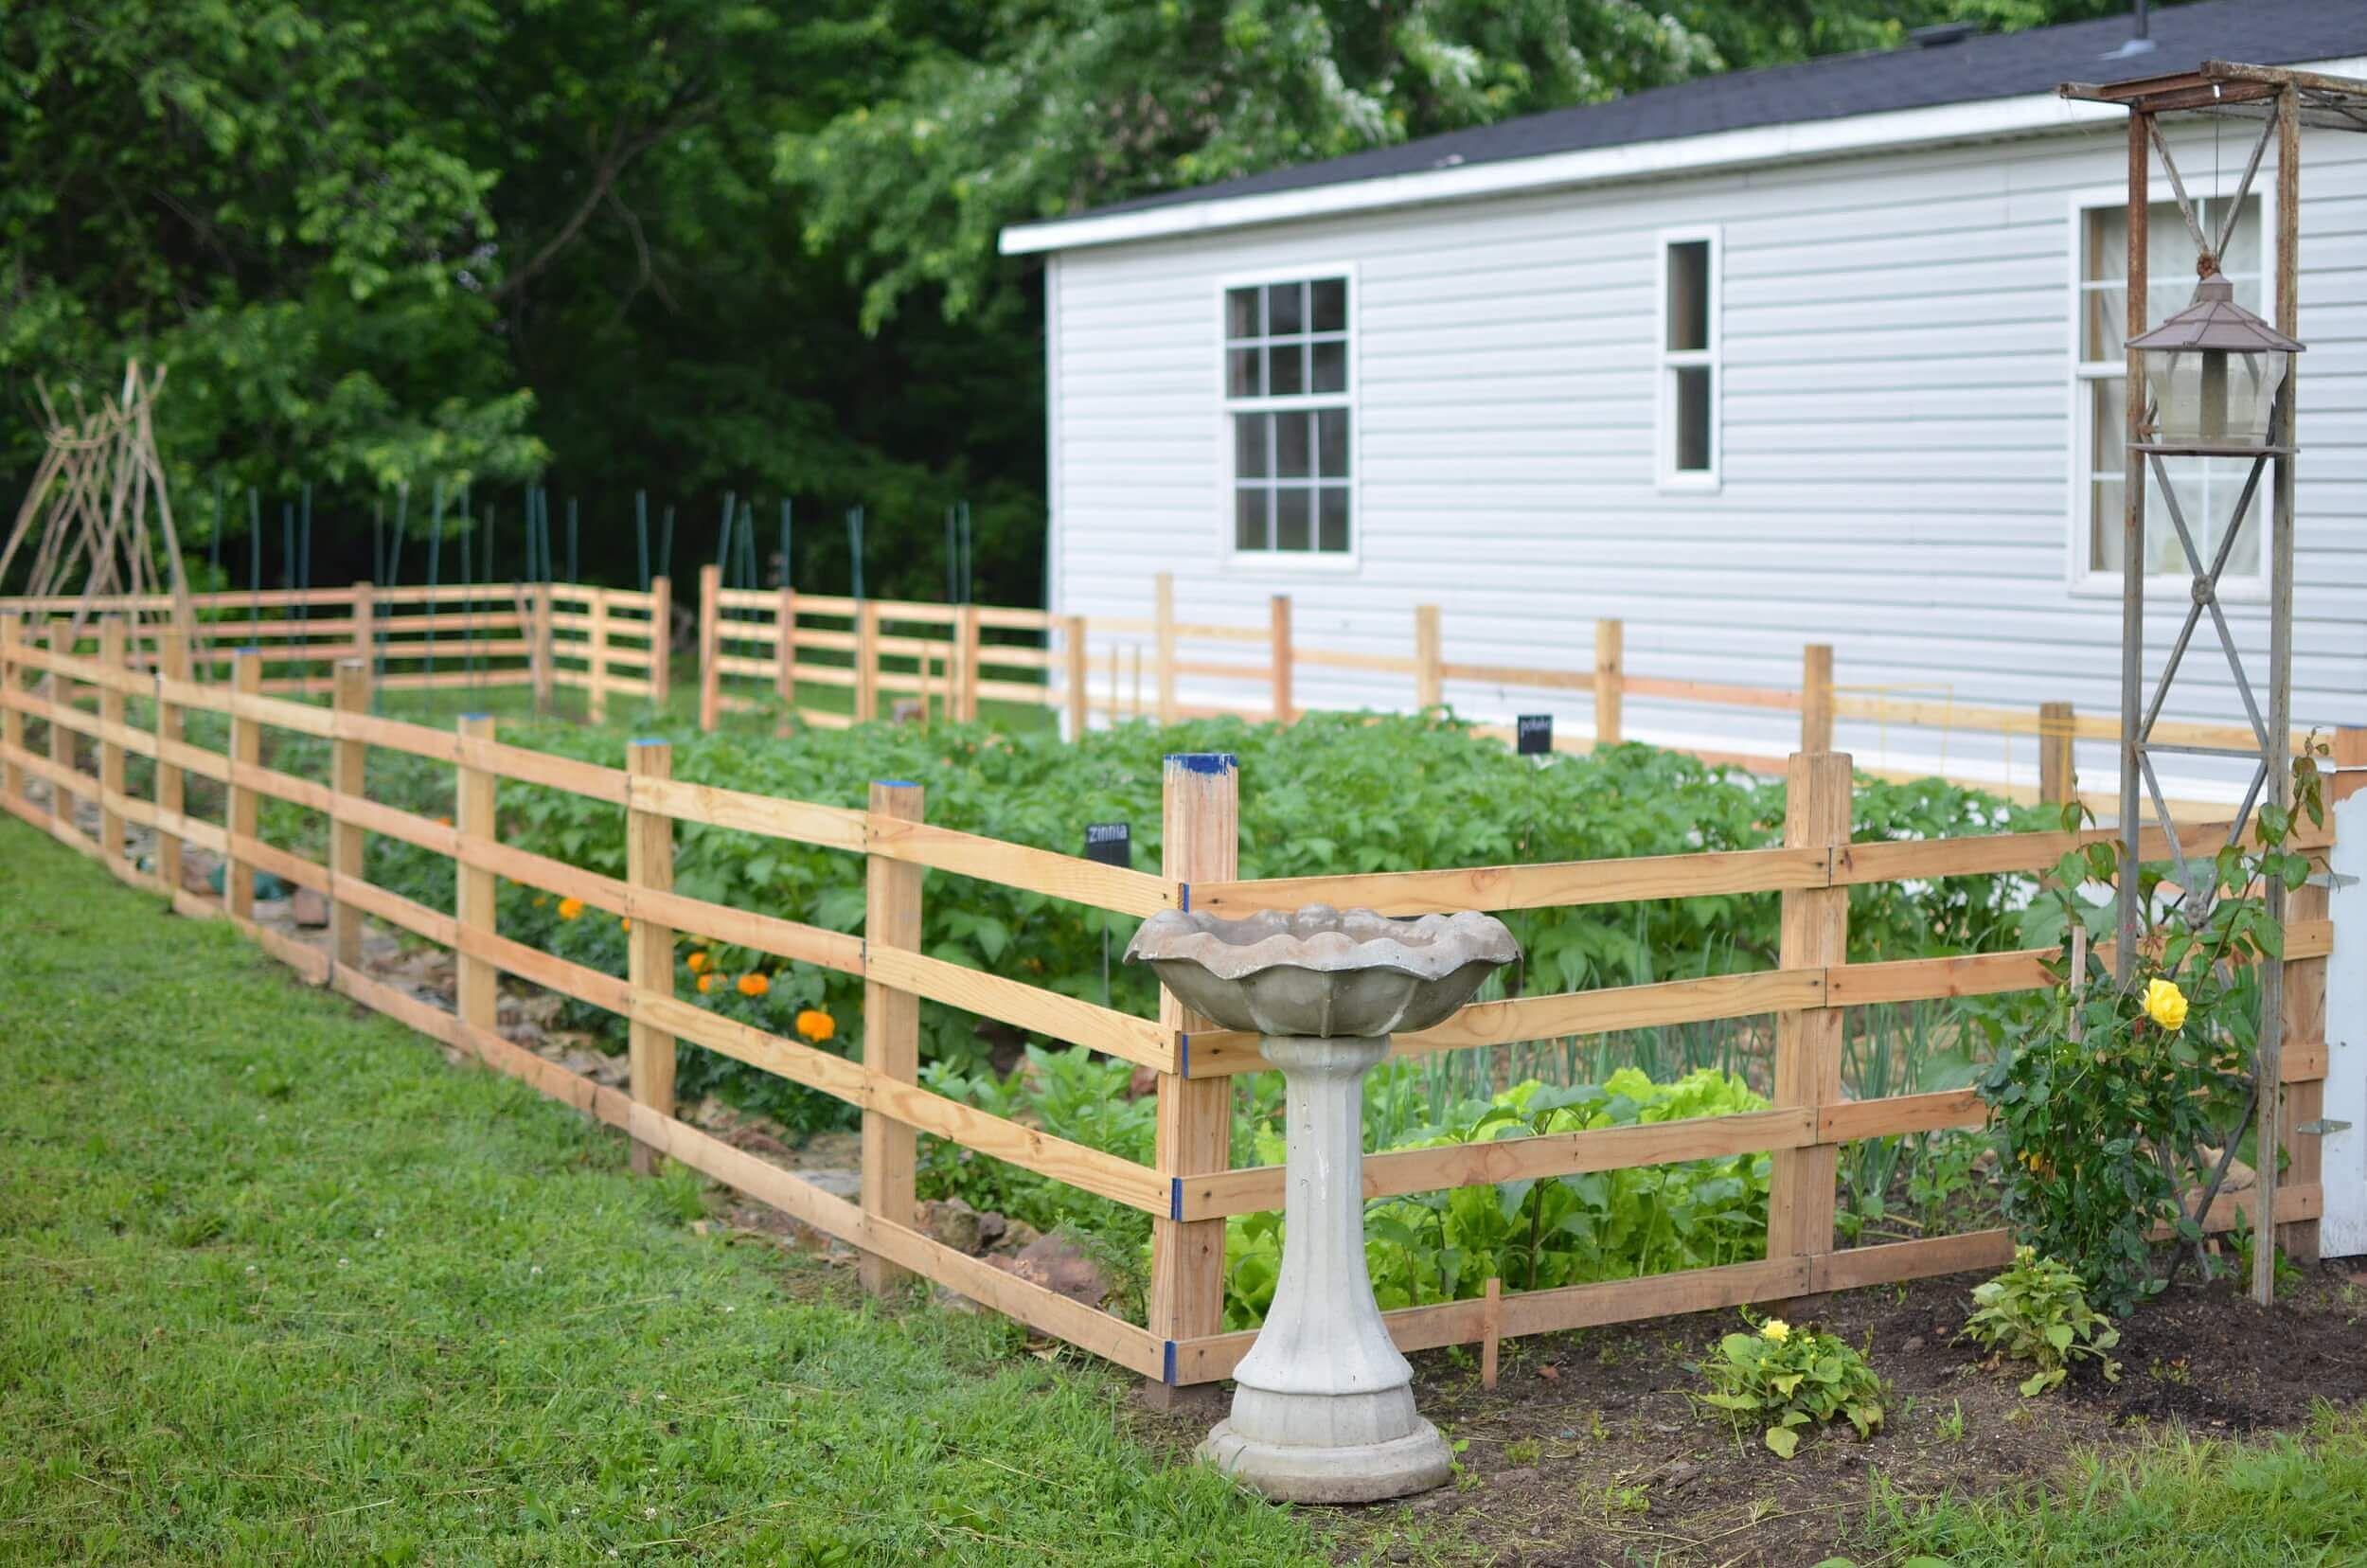 9 Best Vegetable Garden Fence Kit In 2020 Vegetable Garden Planner Vegetable Garden Design Garden Layout Vegetable